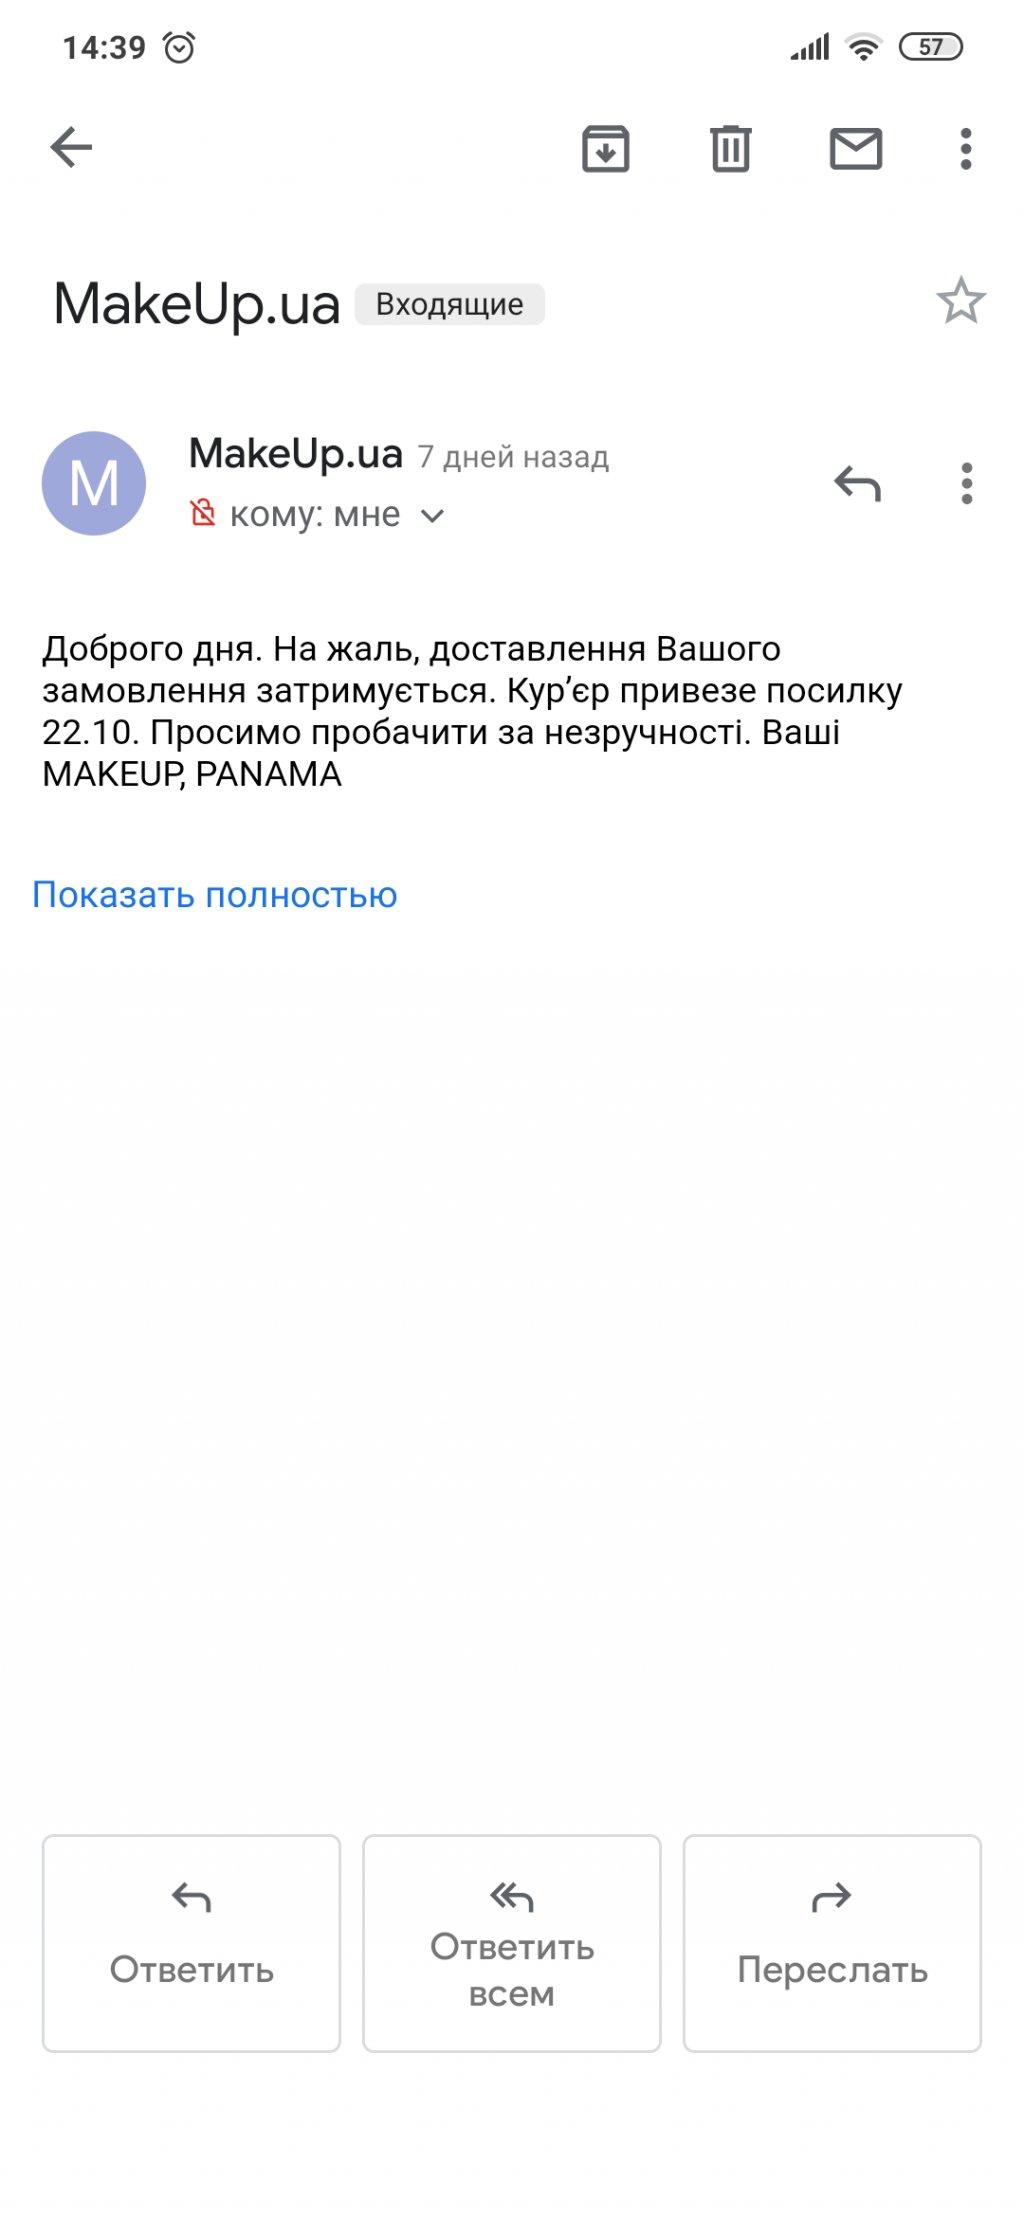 Интернет - магазин makeup.com.ua - Не возвращают деньги за заказ !!